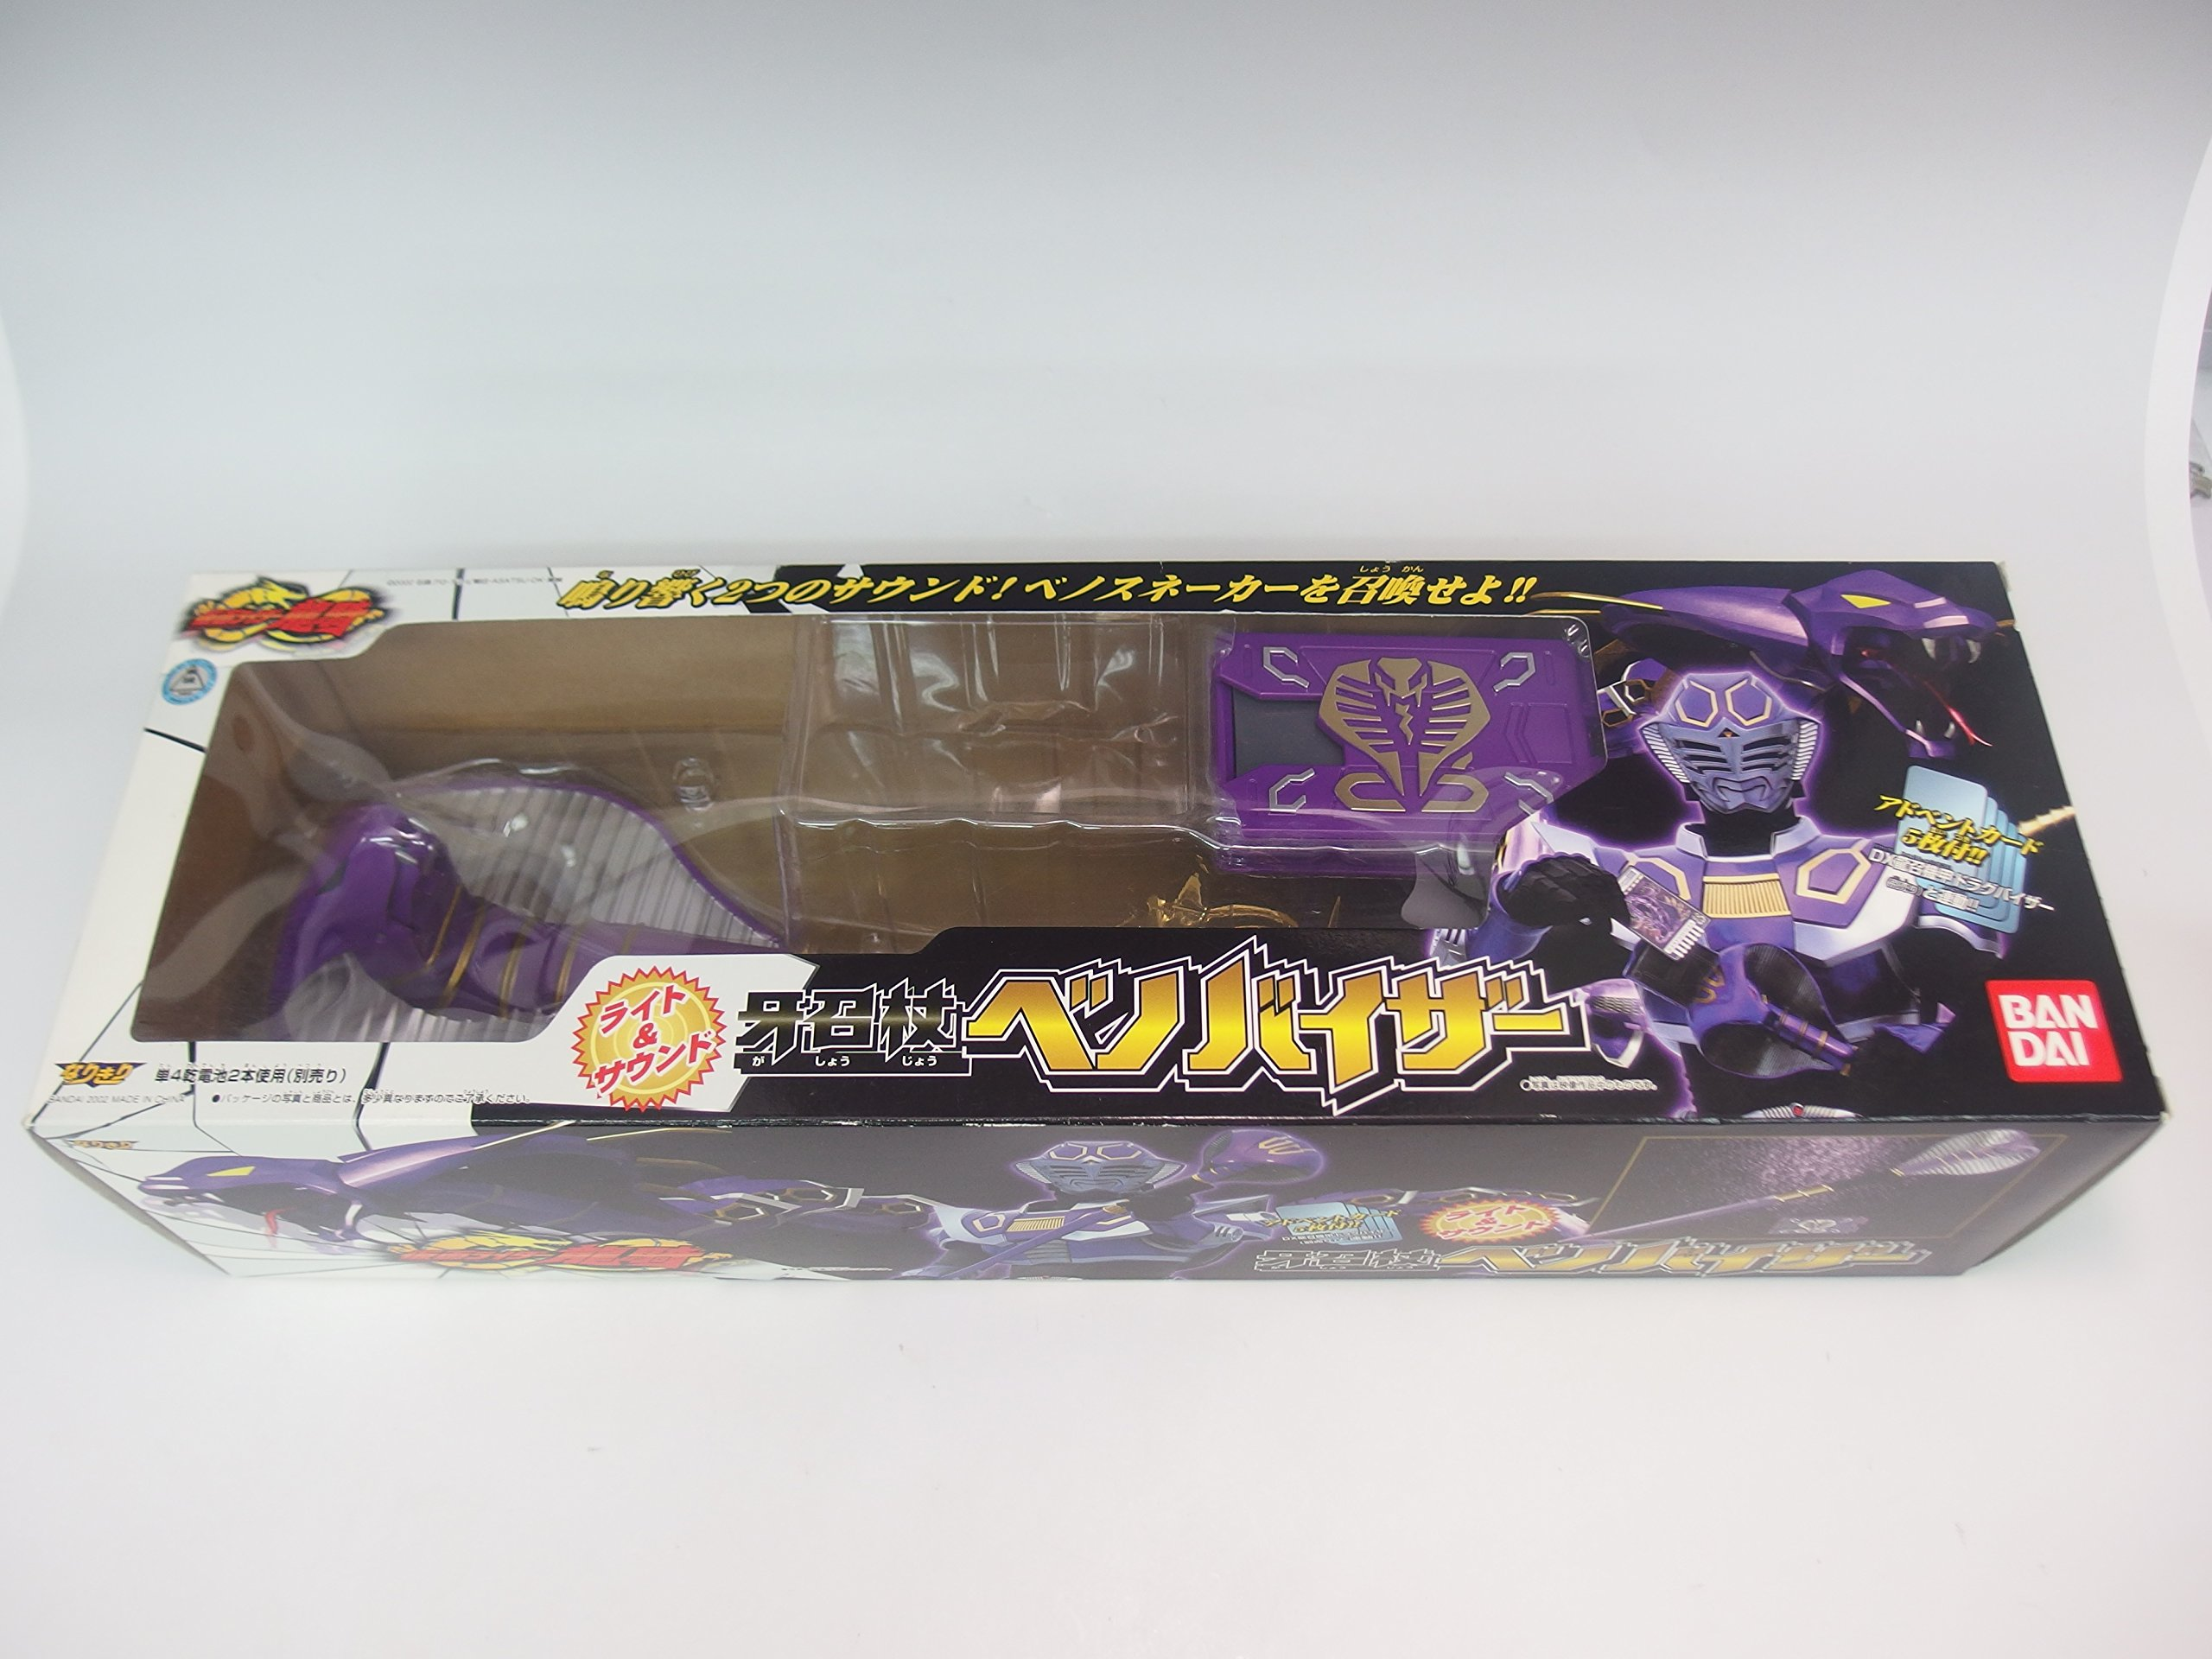 Kamen Rider Ryuki Kamen Rider series Narikiri Ohebi Fang¢ñBenobaiza